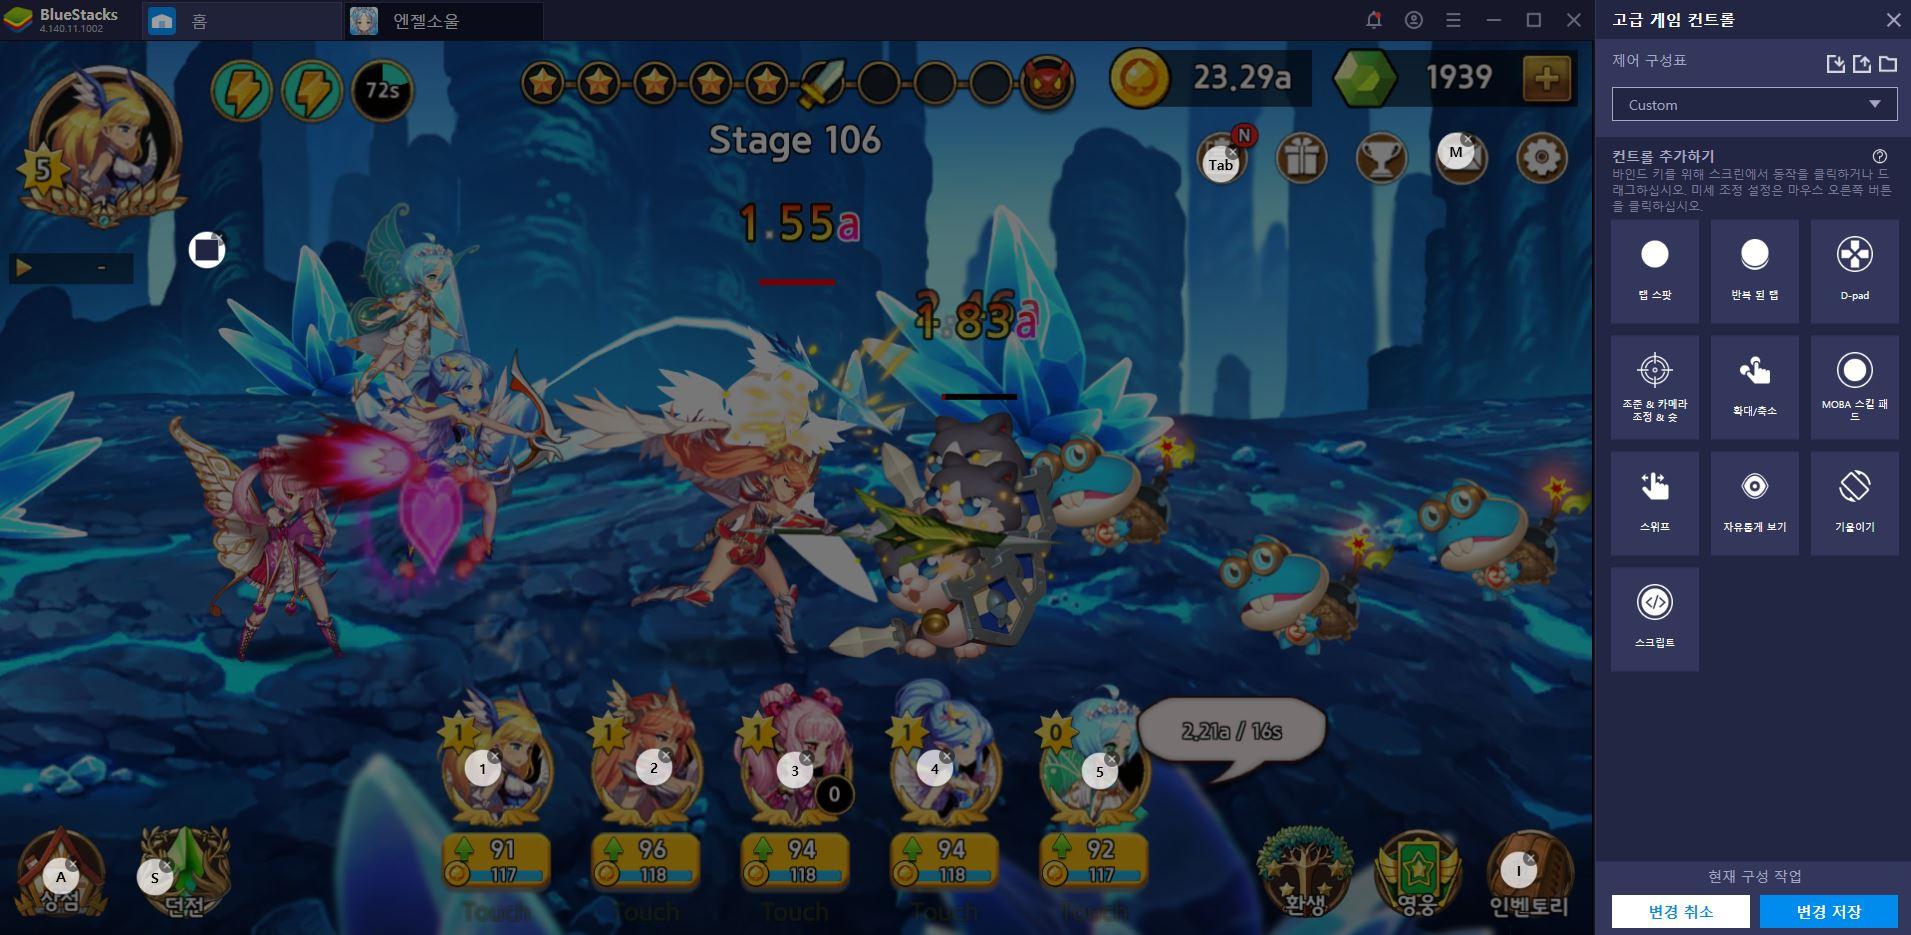 눈이 즐거운, 엔젤소울: 방치형 RPG를 BlueStacks로 즐겨봐요!